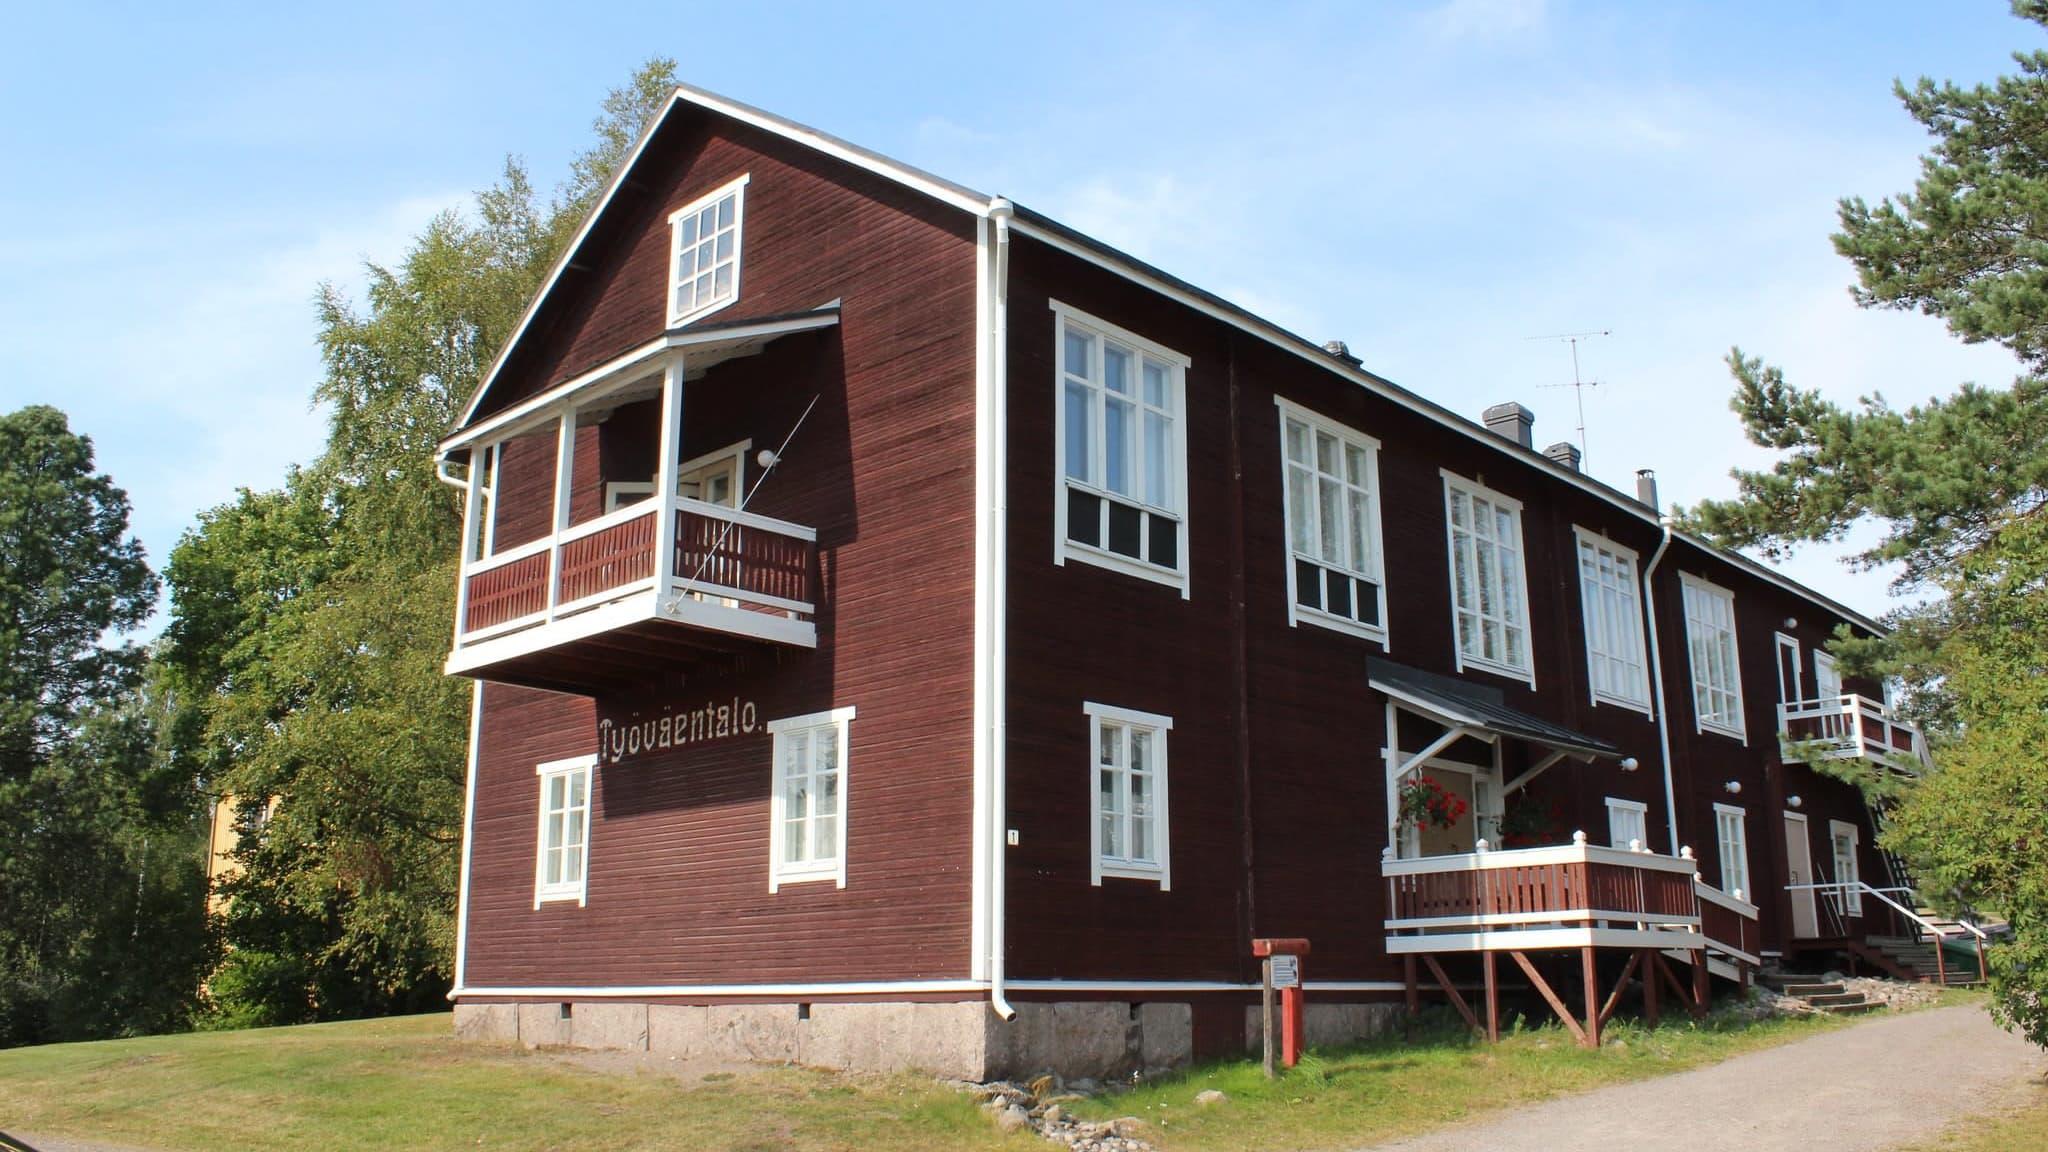 Oskari Tokoi seuran ylläpitämä komia työväentalo seisoo Keski-Pohjanmaalla Kannuksessa.